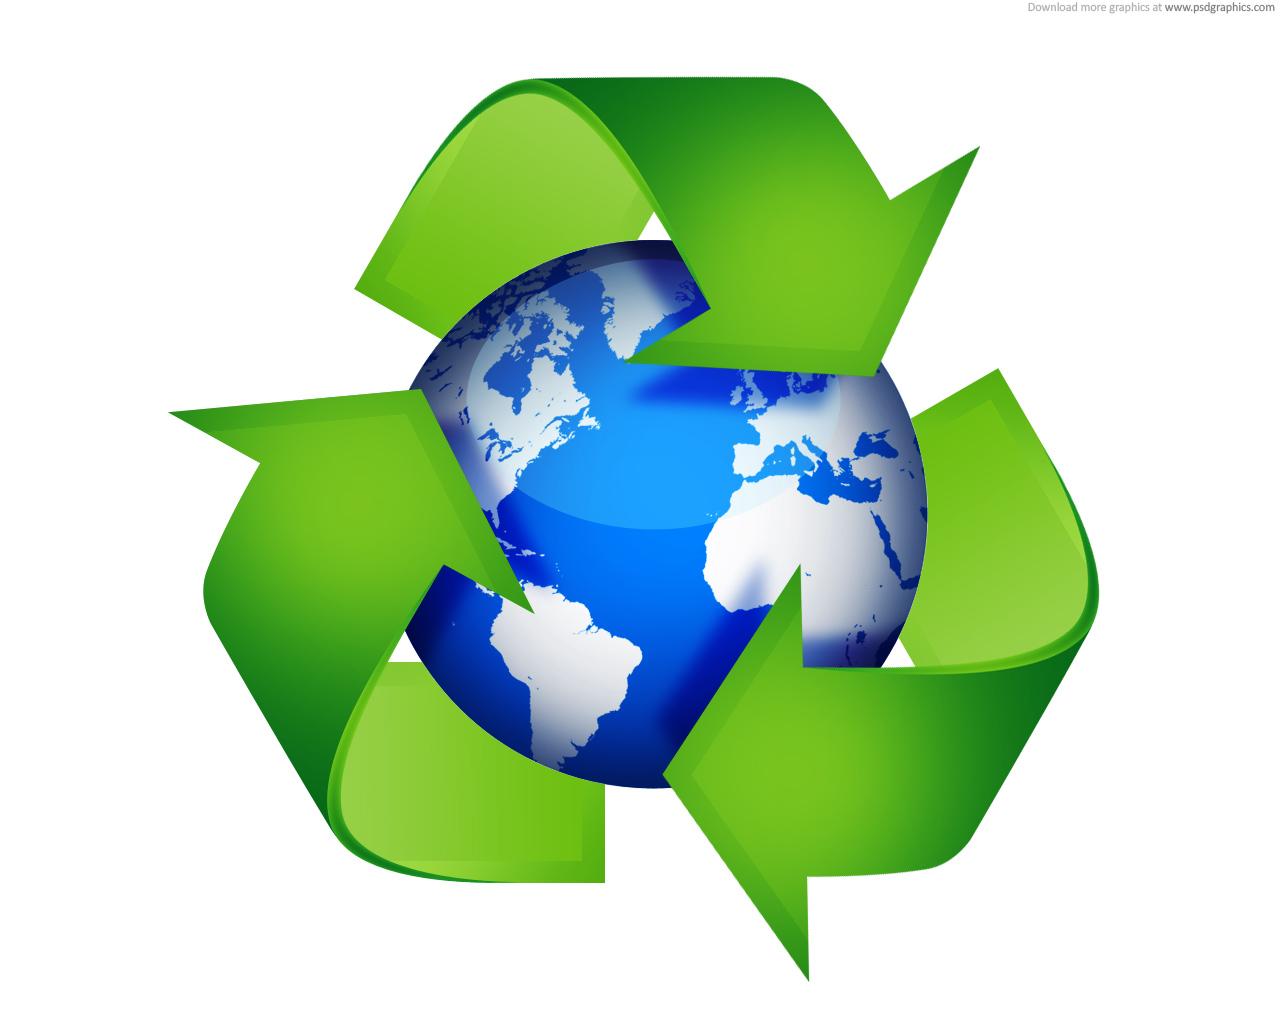 راه های حفاظت از محیط زیست